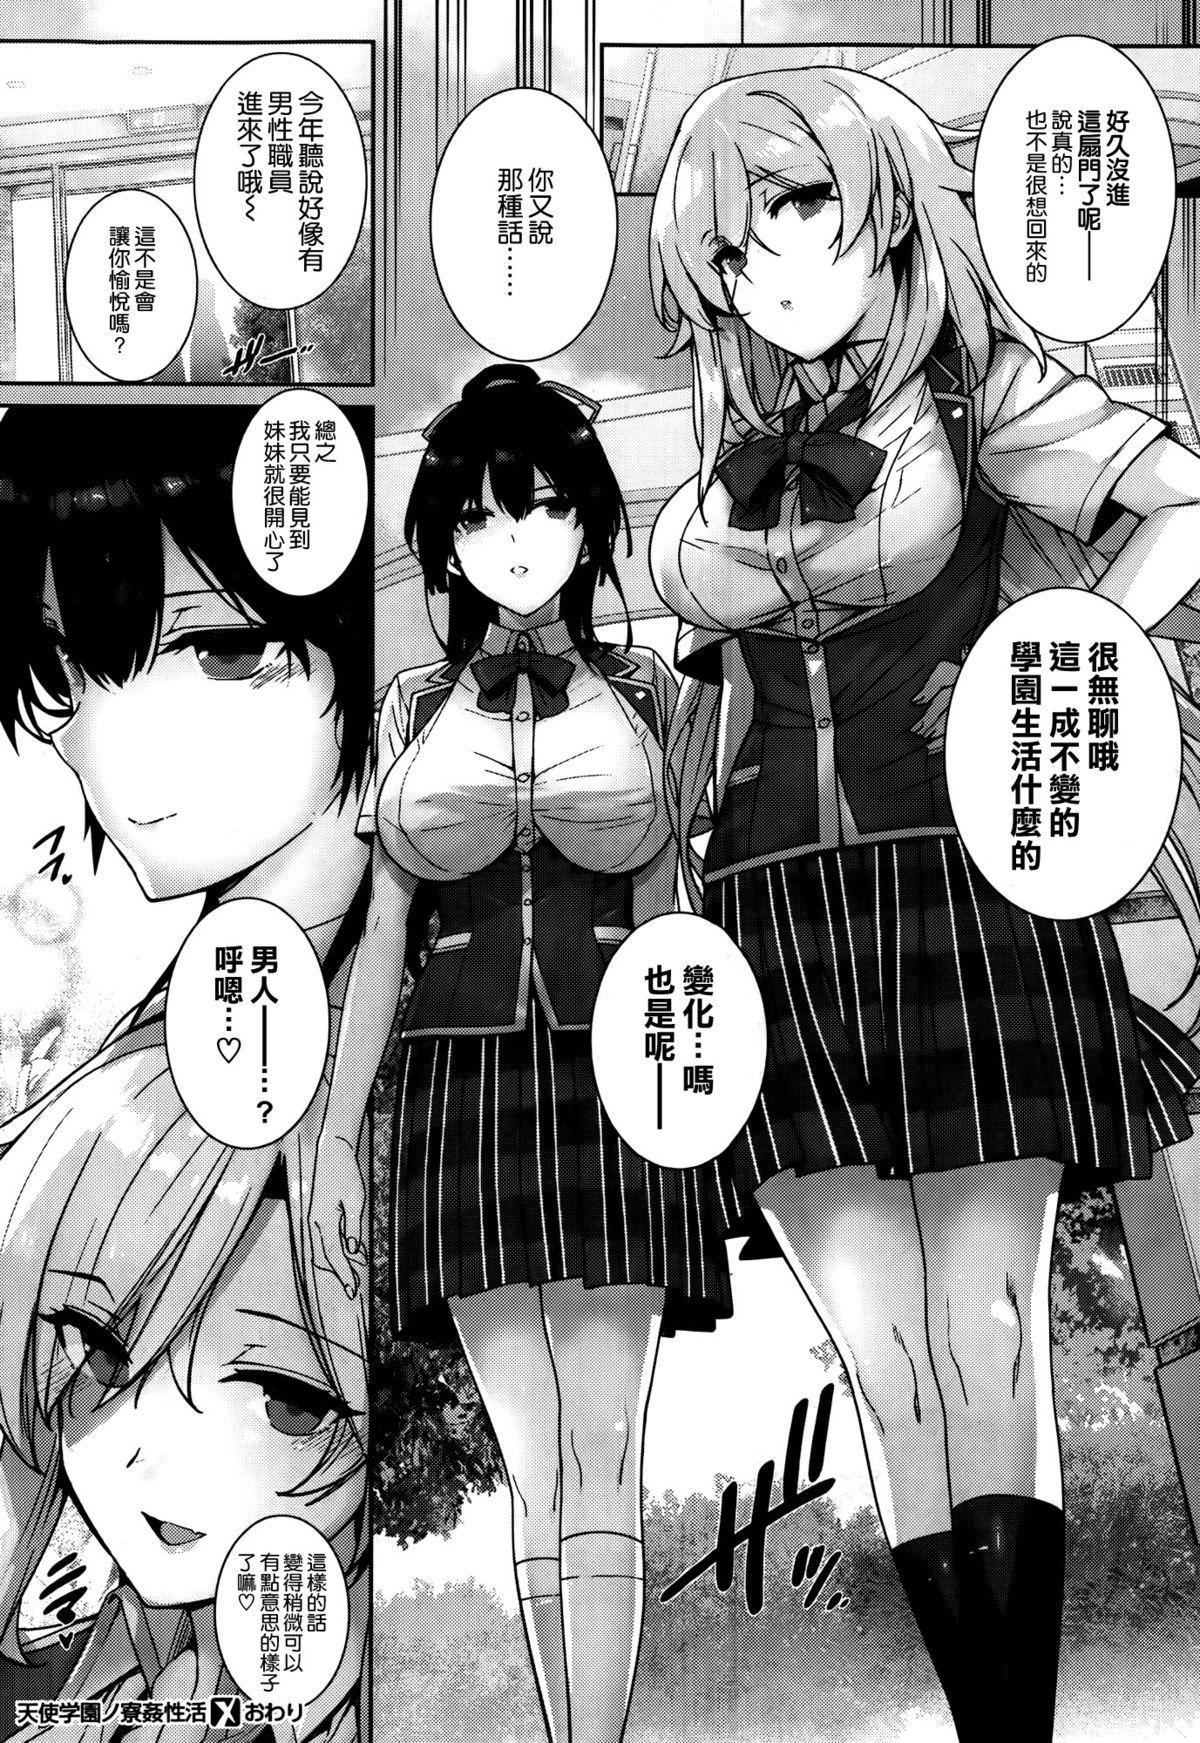 Amatsuka Gakuen no Ryoukan Seikatsu 35